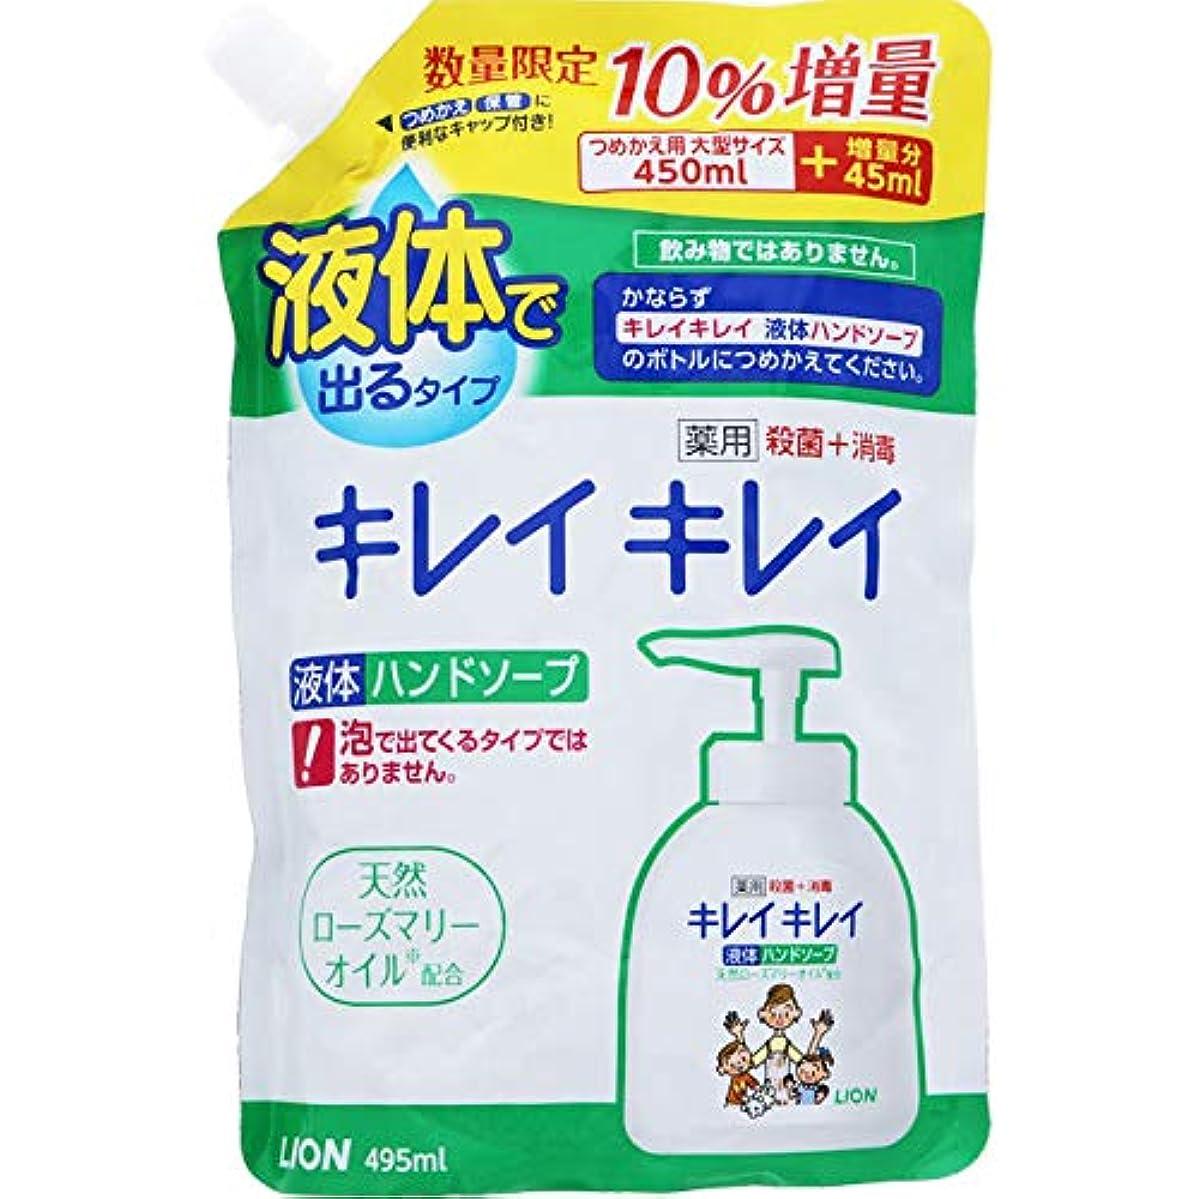 ピザ小麦粉チャーターライオン キレイキレイ 薬用ハンドソープ 詰替用大型増量 450+45ml